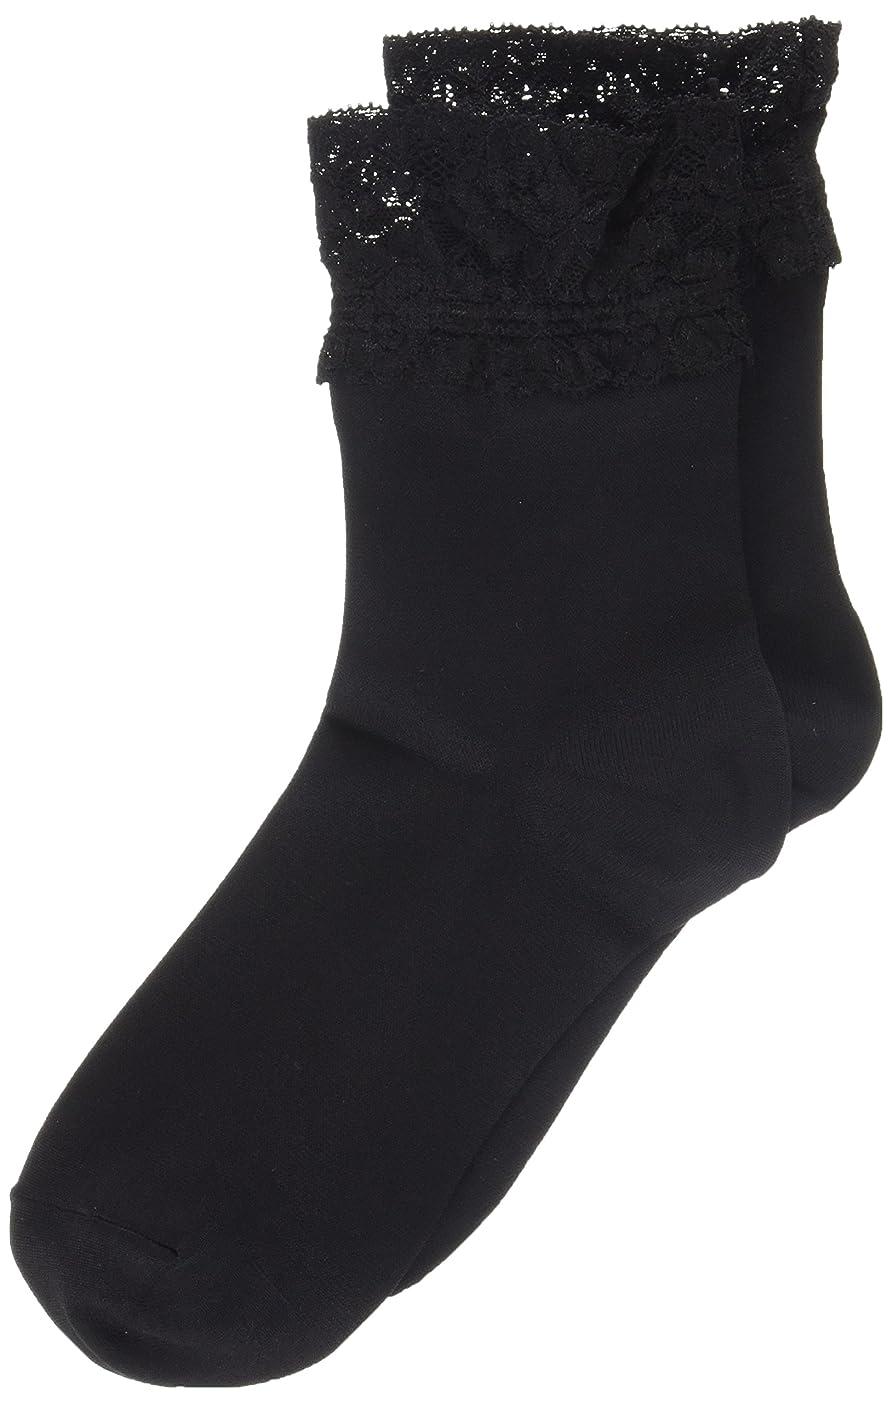 別の羊のオプショナルAR0213 ミセススニーカーソックス(婦人靴下) ゆったりはきやすい 22-24cm ブラック